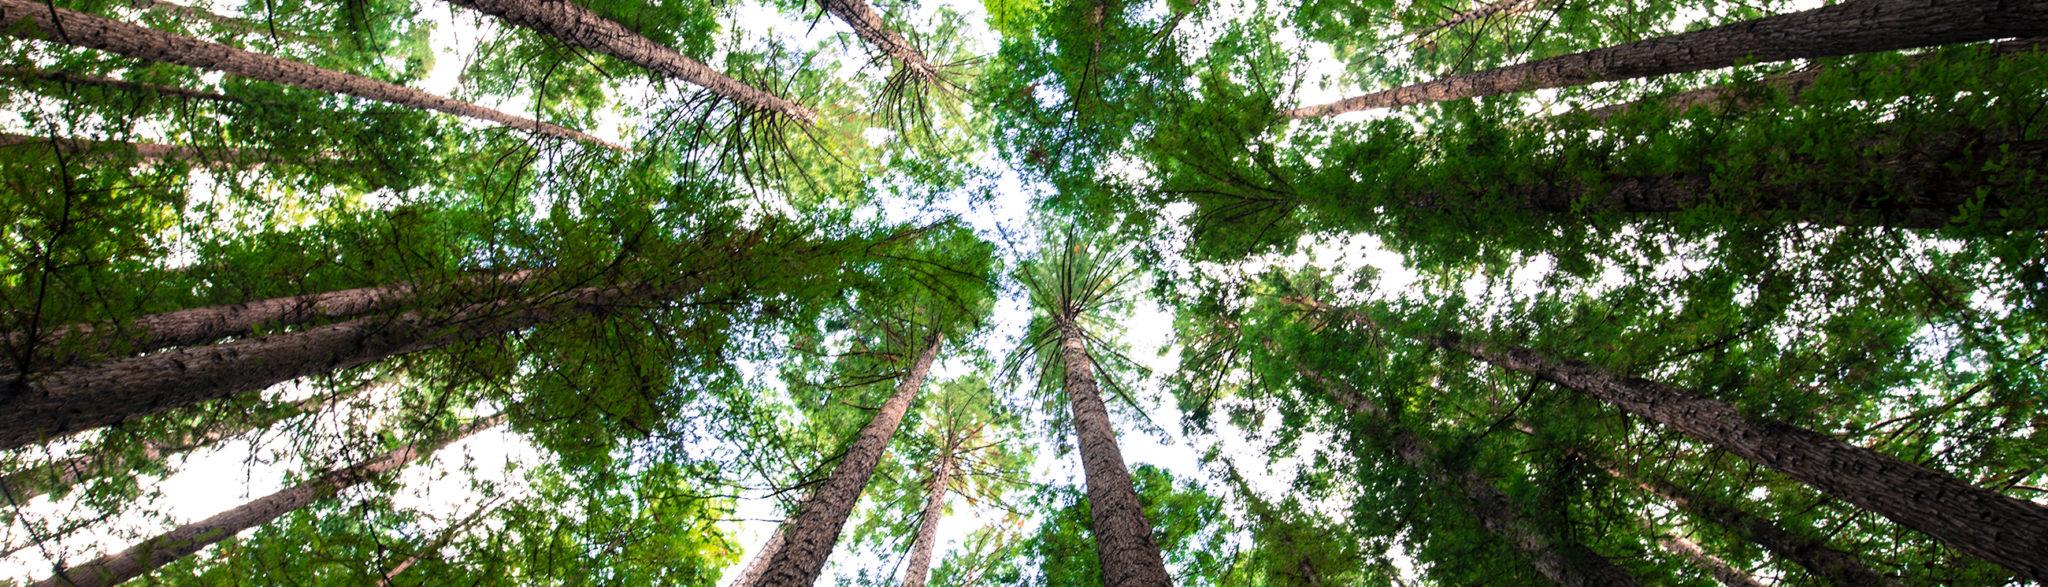 korony drzew widziane widok od dołu